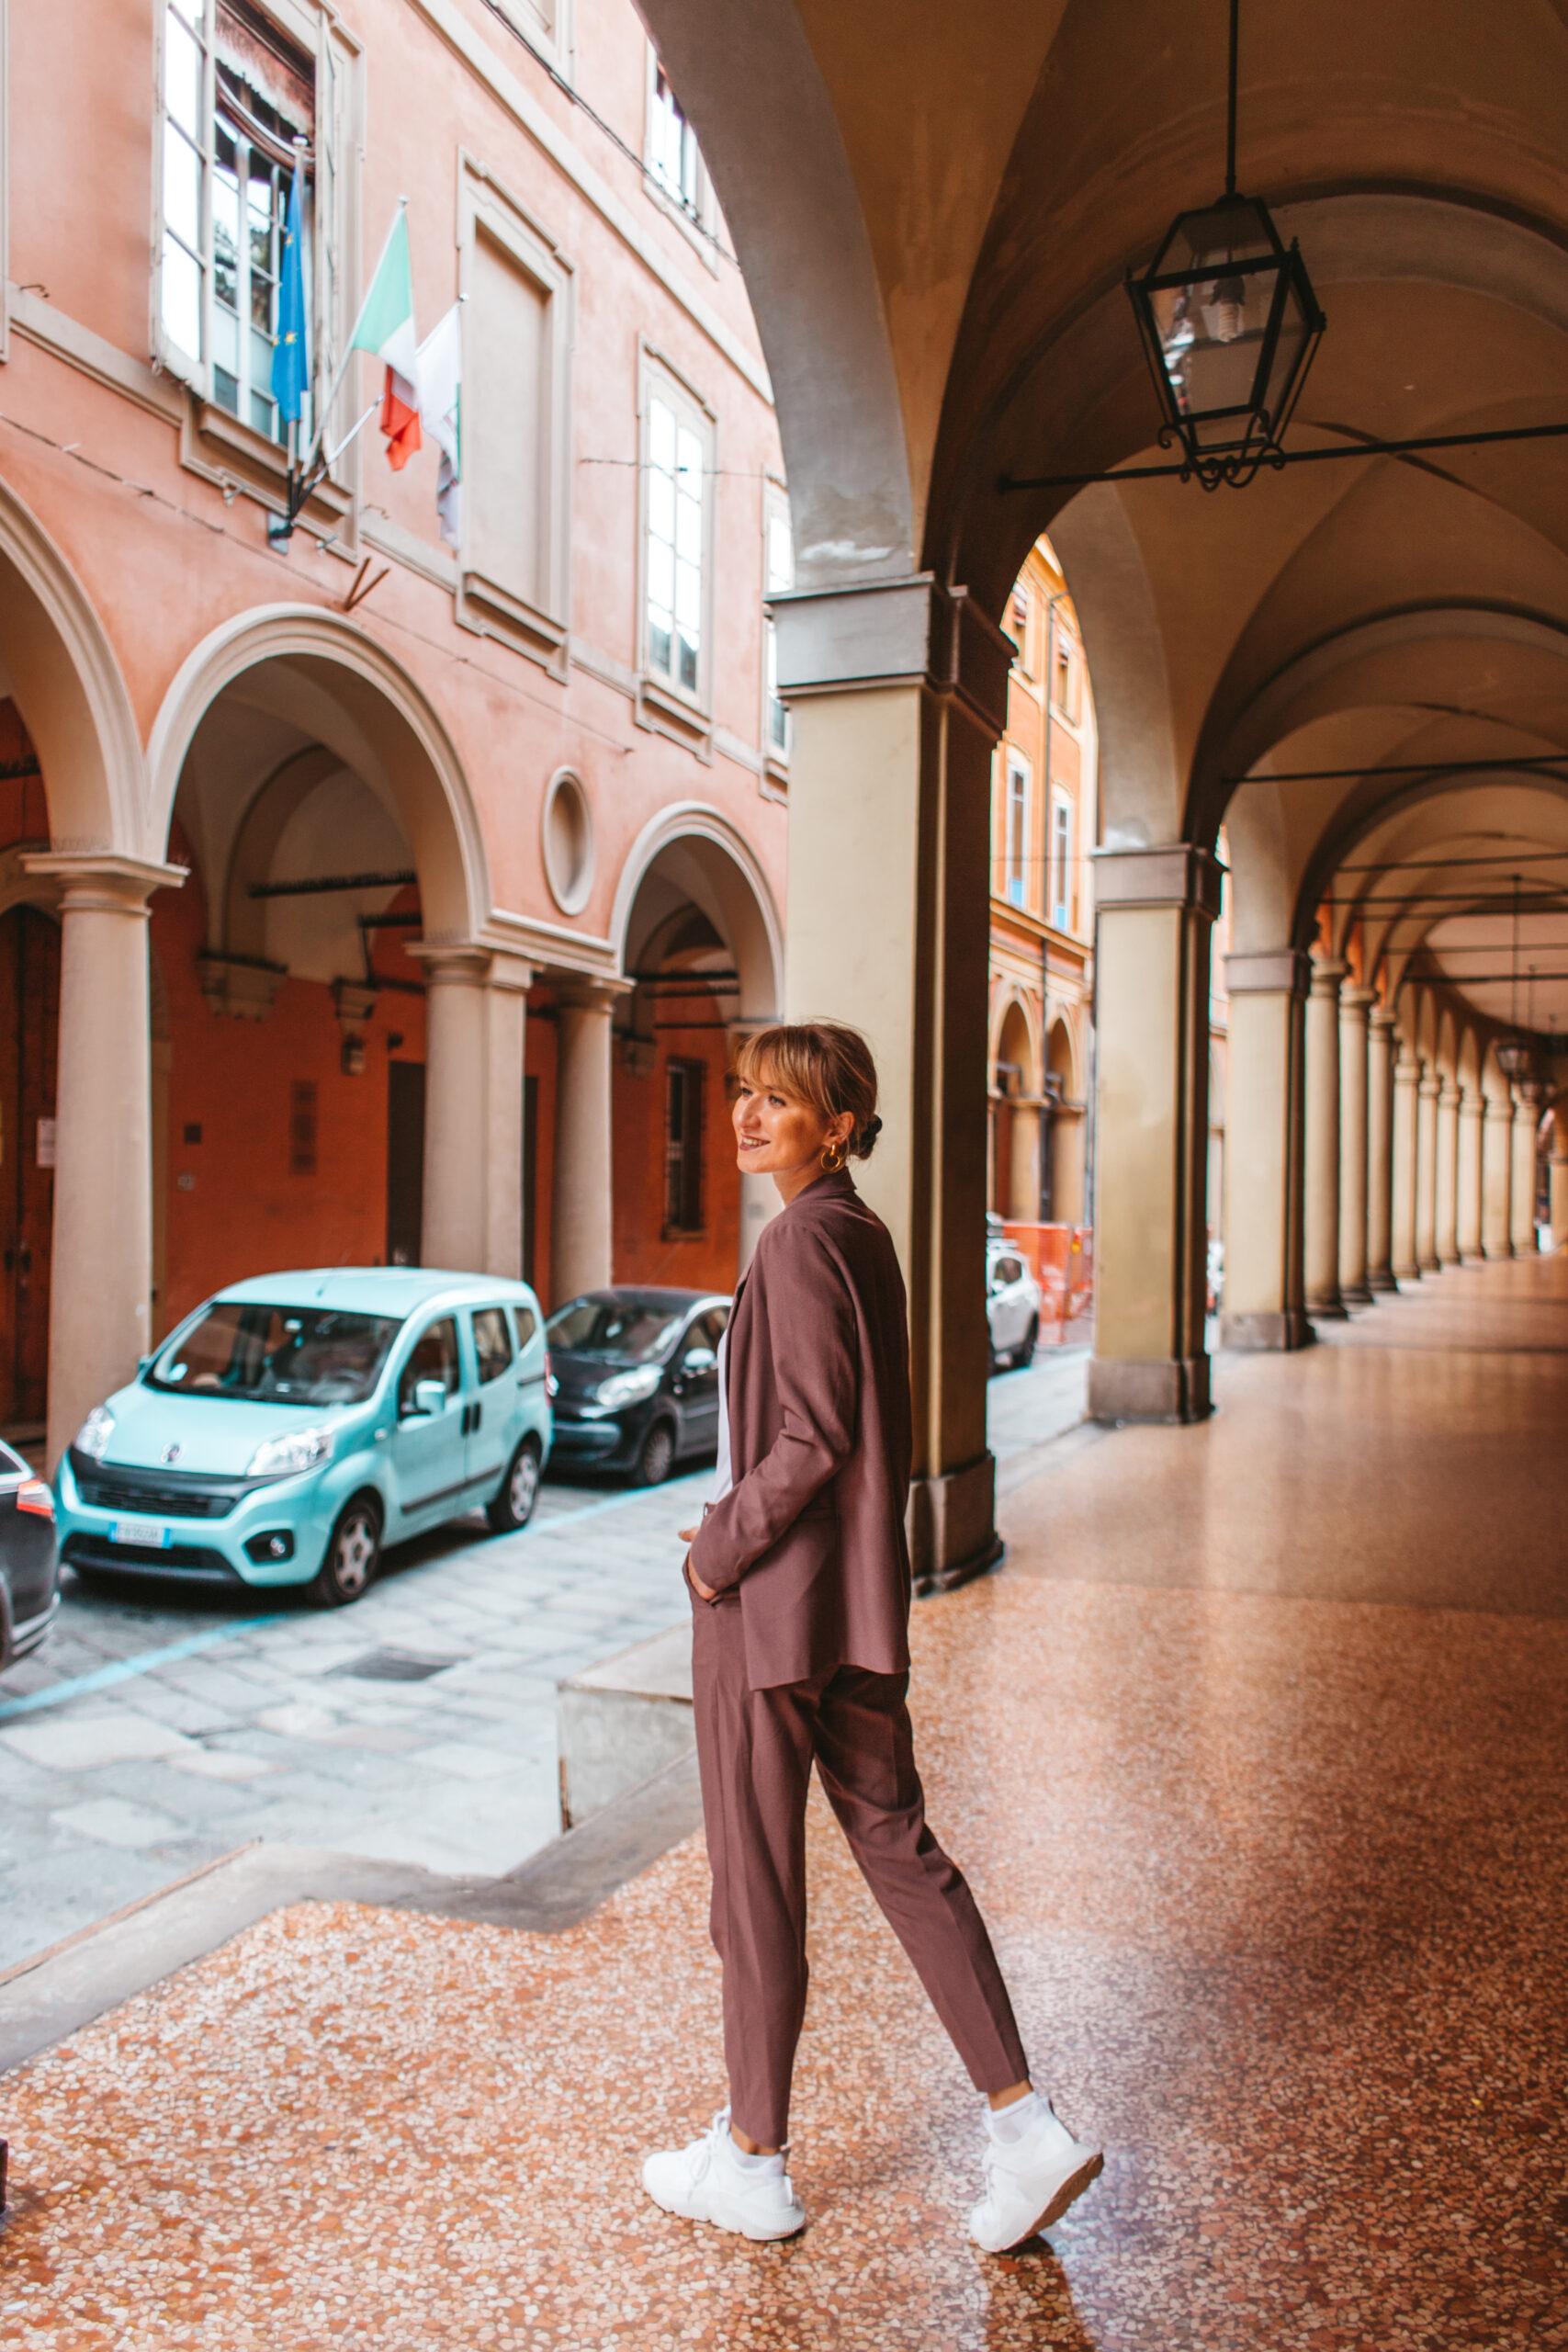 la città dei portici Bolonga Bolonia portyki co zobaczyć w Bolonii atrakcje blog